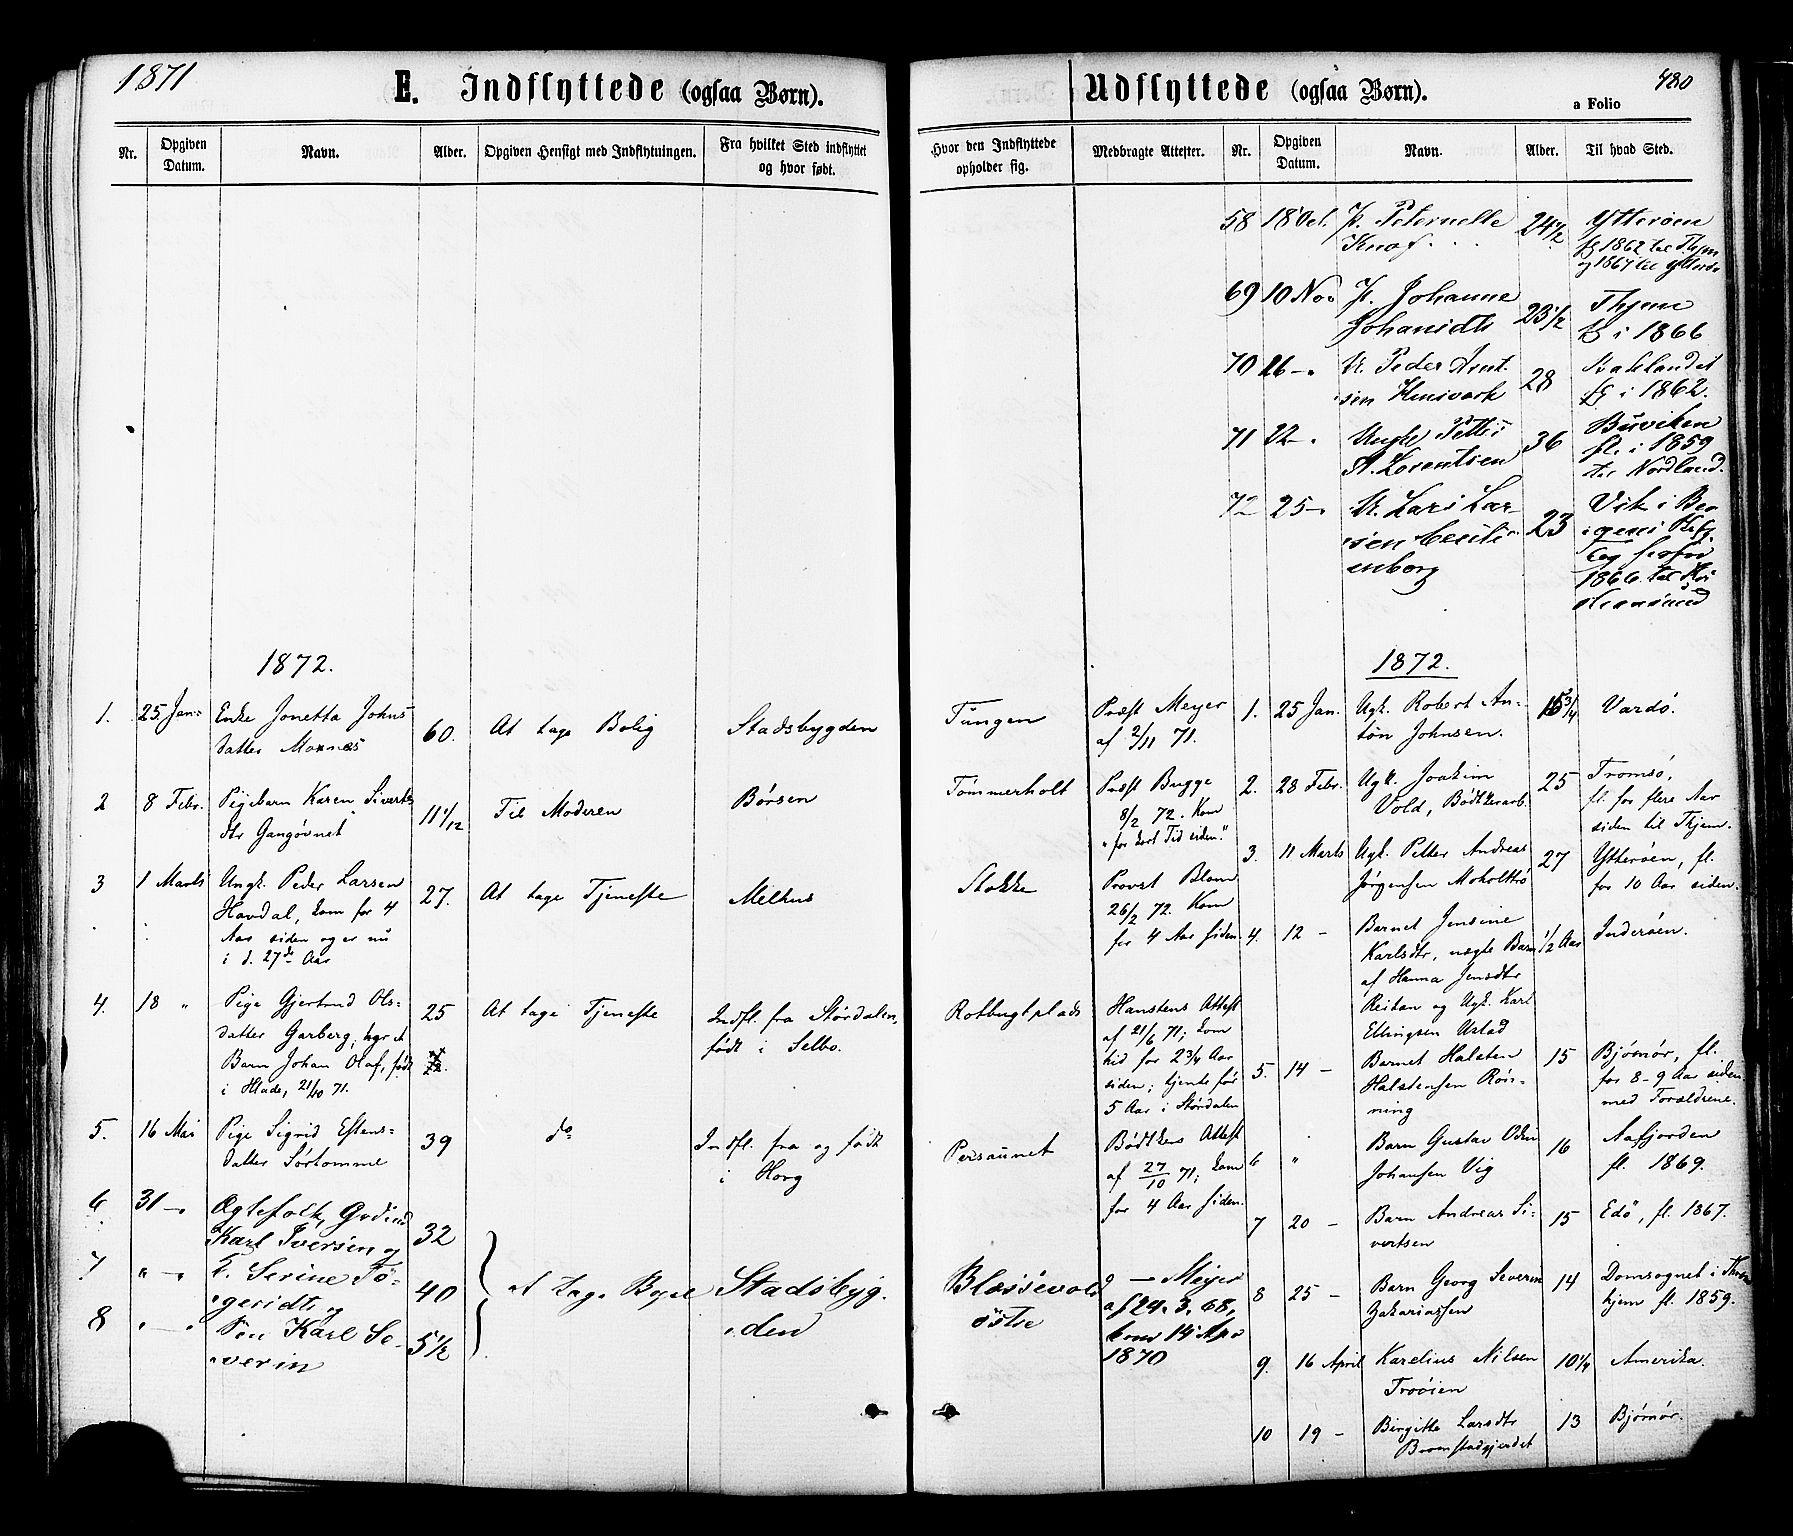 SAT, Ministerialprotokoller, klokkerbøker og fødselsregistre - Sør-Trøndelag, 606/L0293: Ministerialbok nr. 606A08, 1866-1877, s. 480